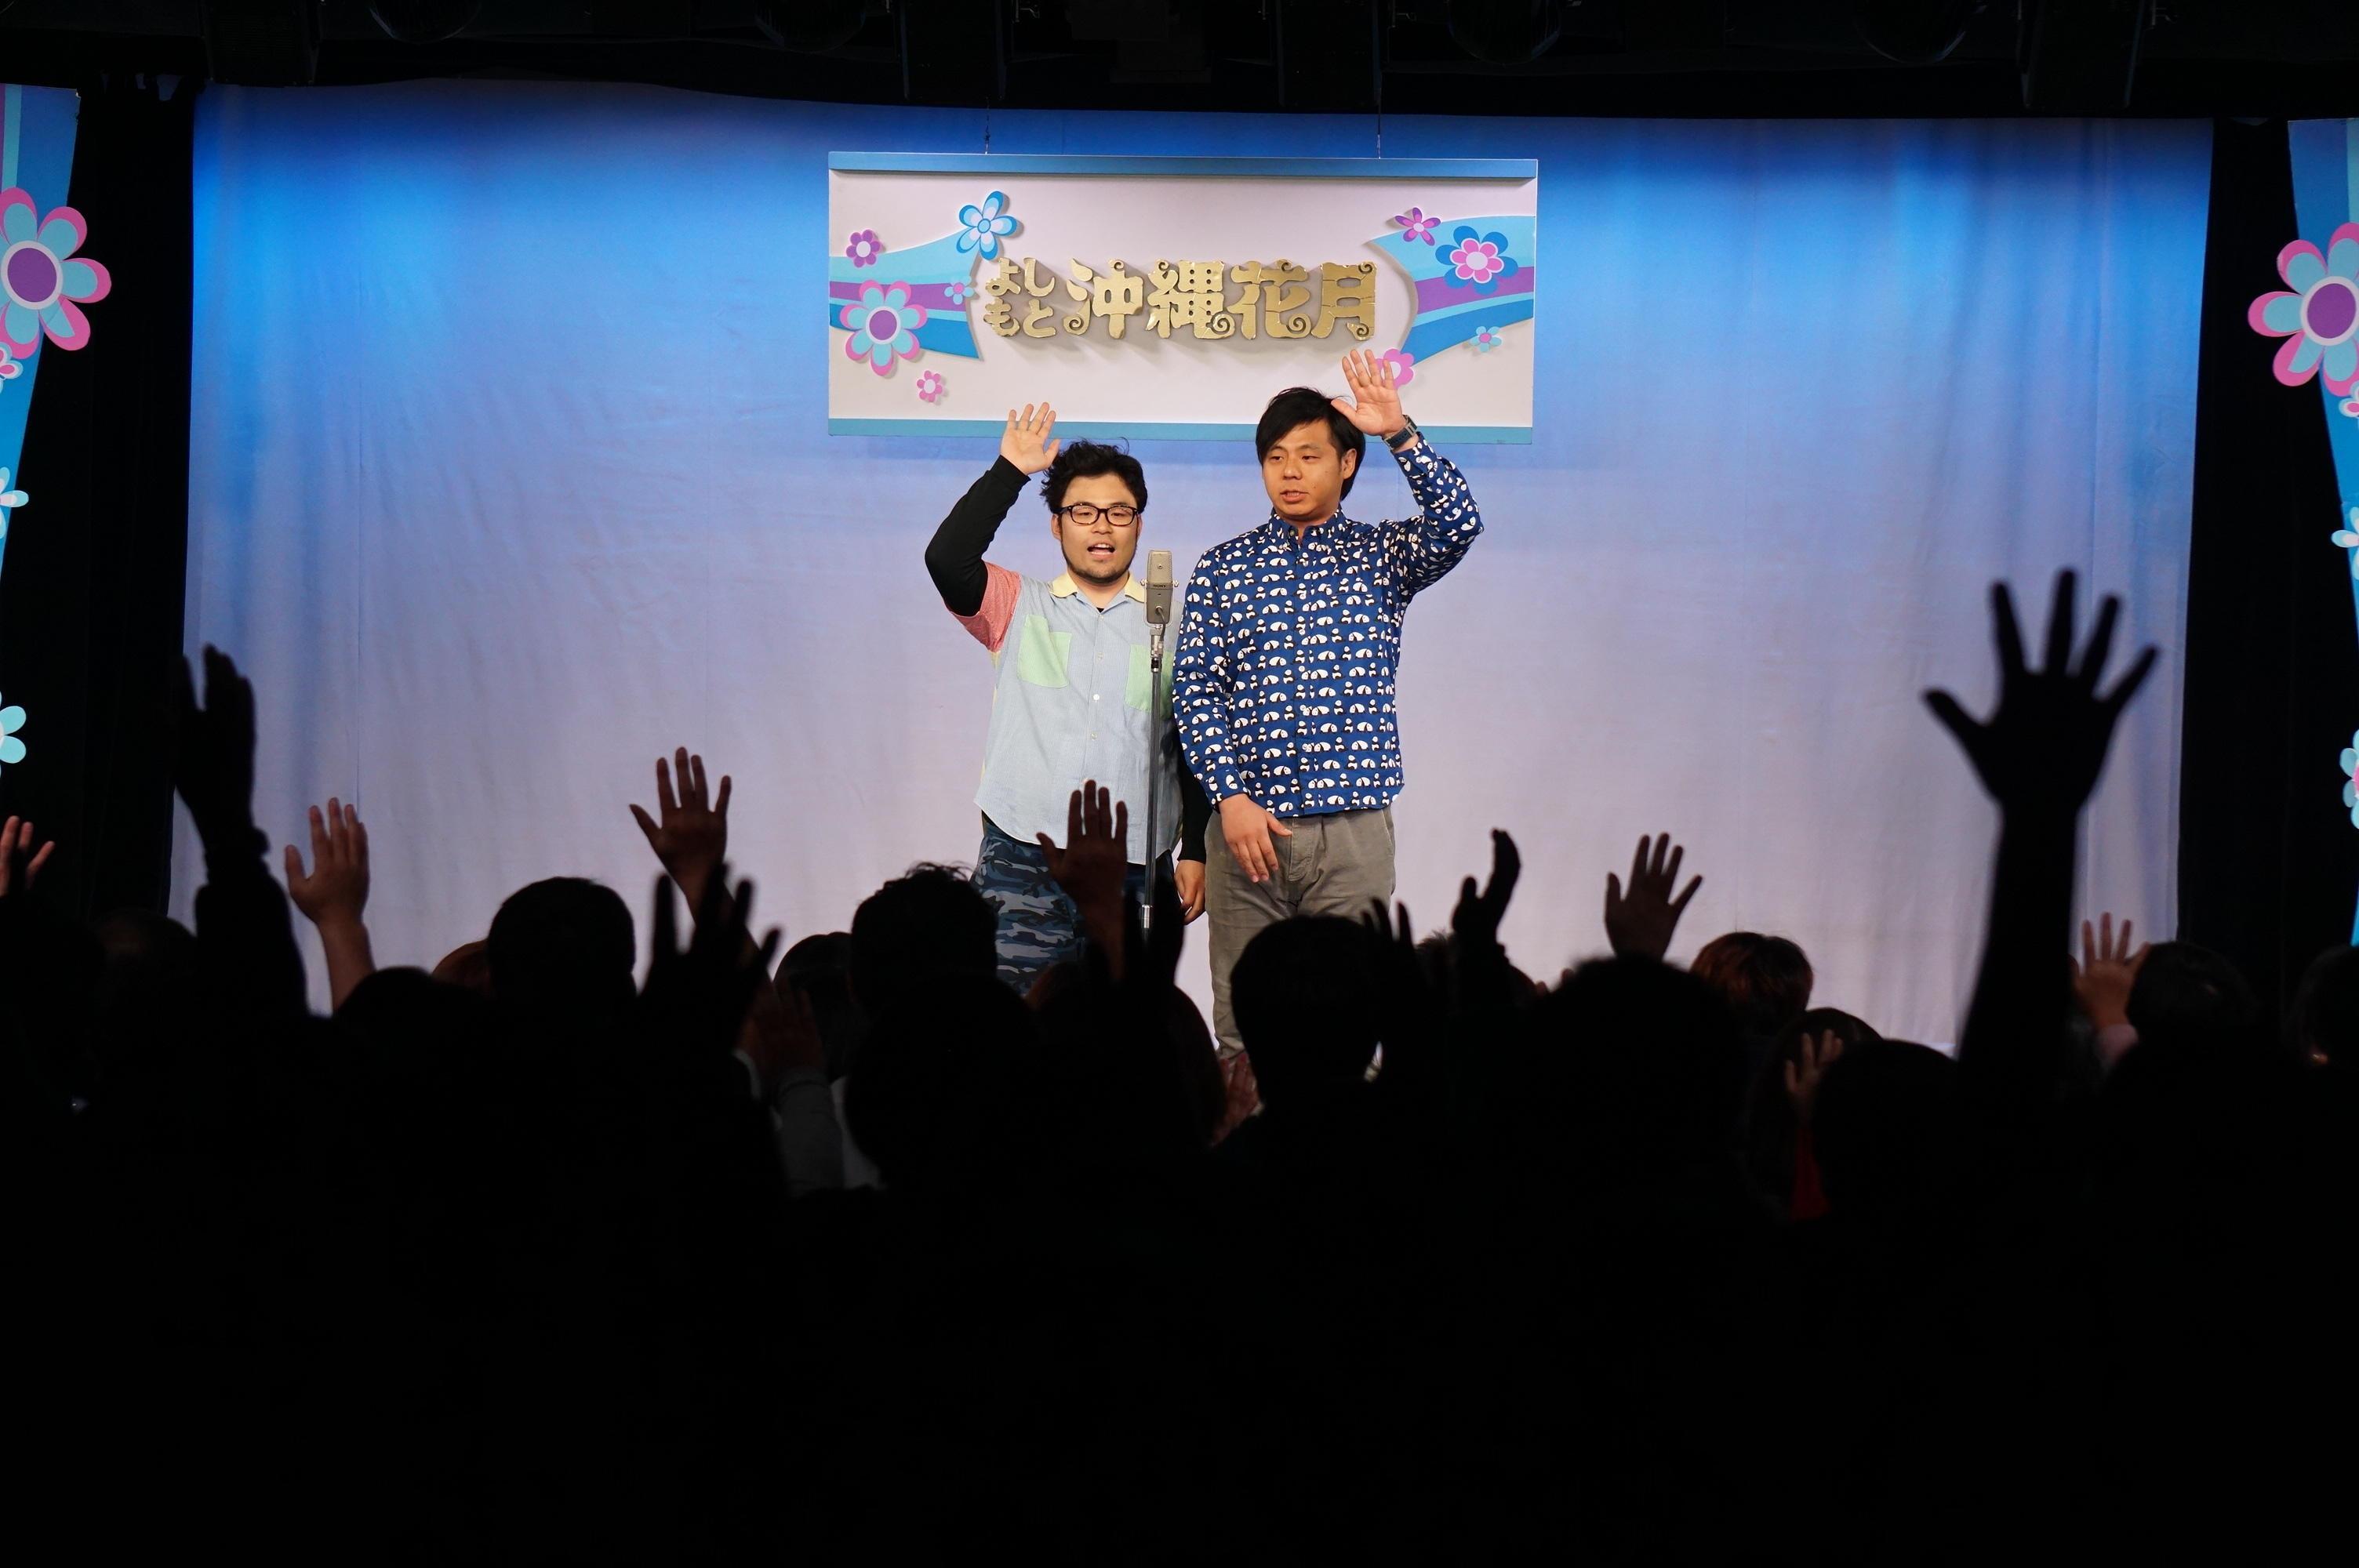 http://news.yoshimoto.co.jp/20170314200535-f9ed2df6eb7f947ba457a3c7e2e1b39acff07422.jpg